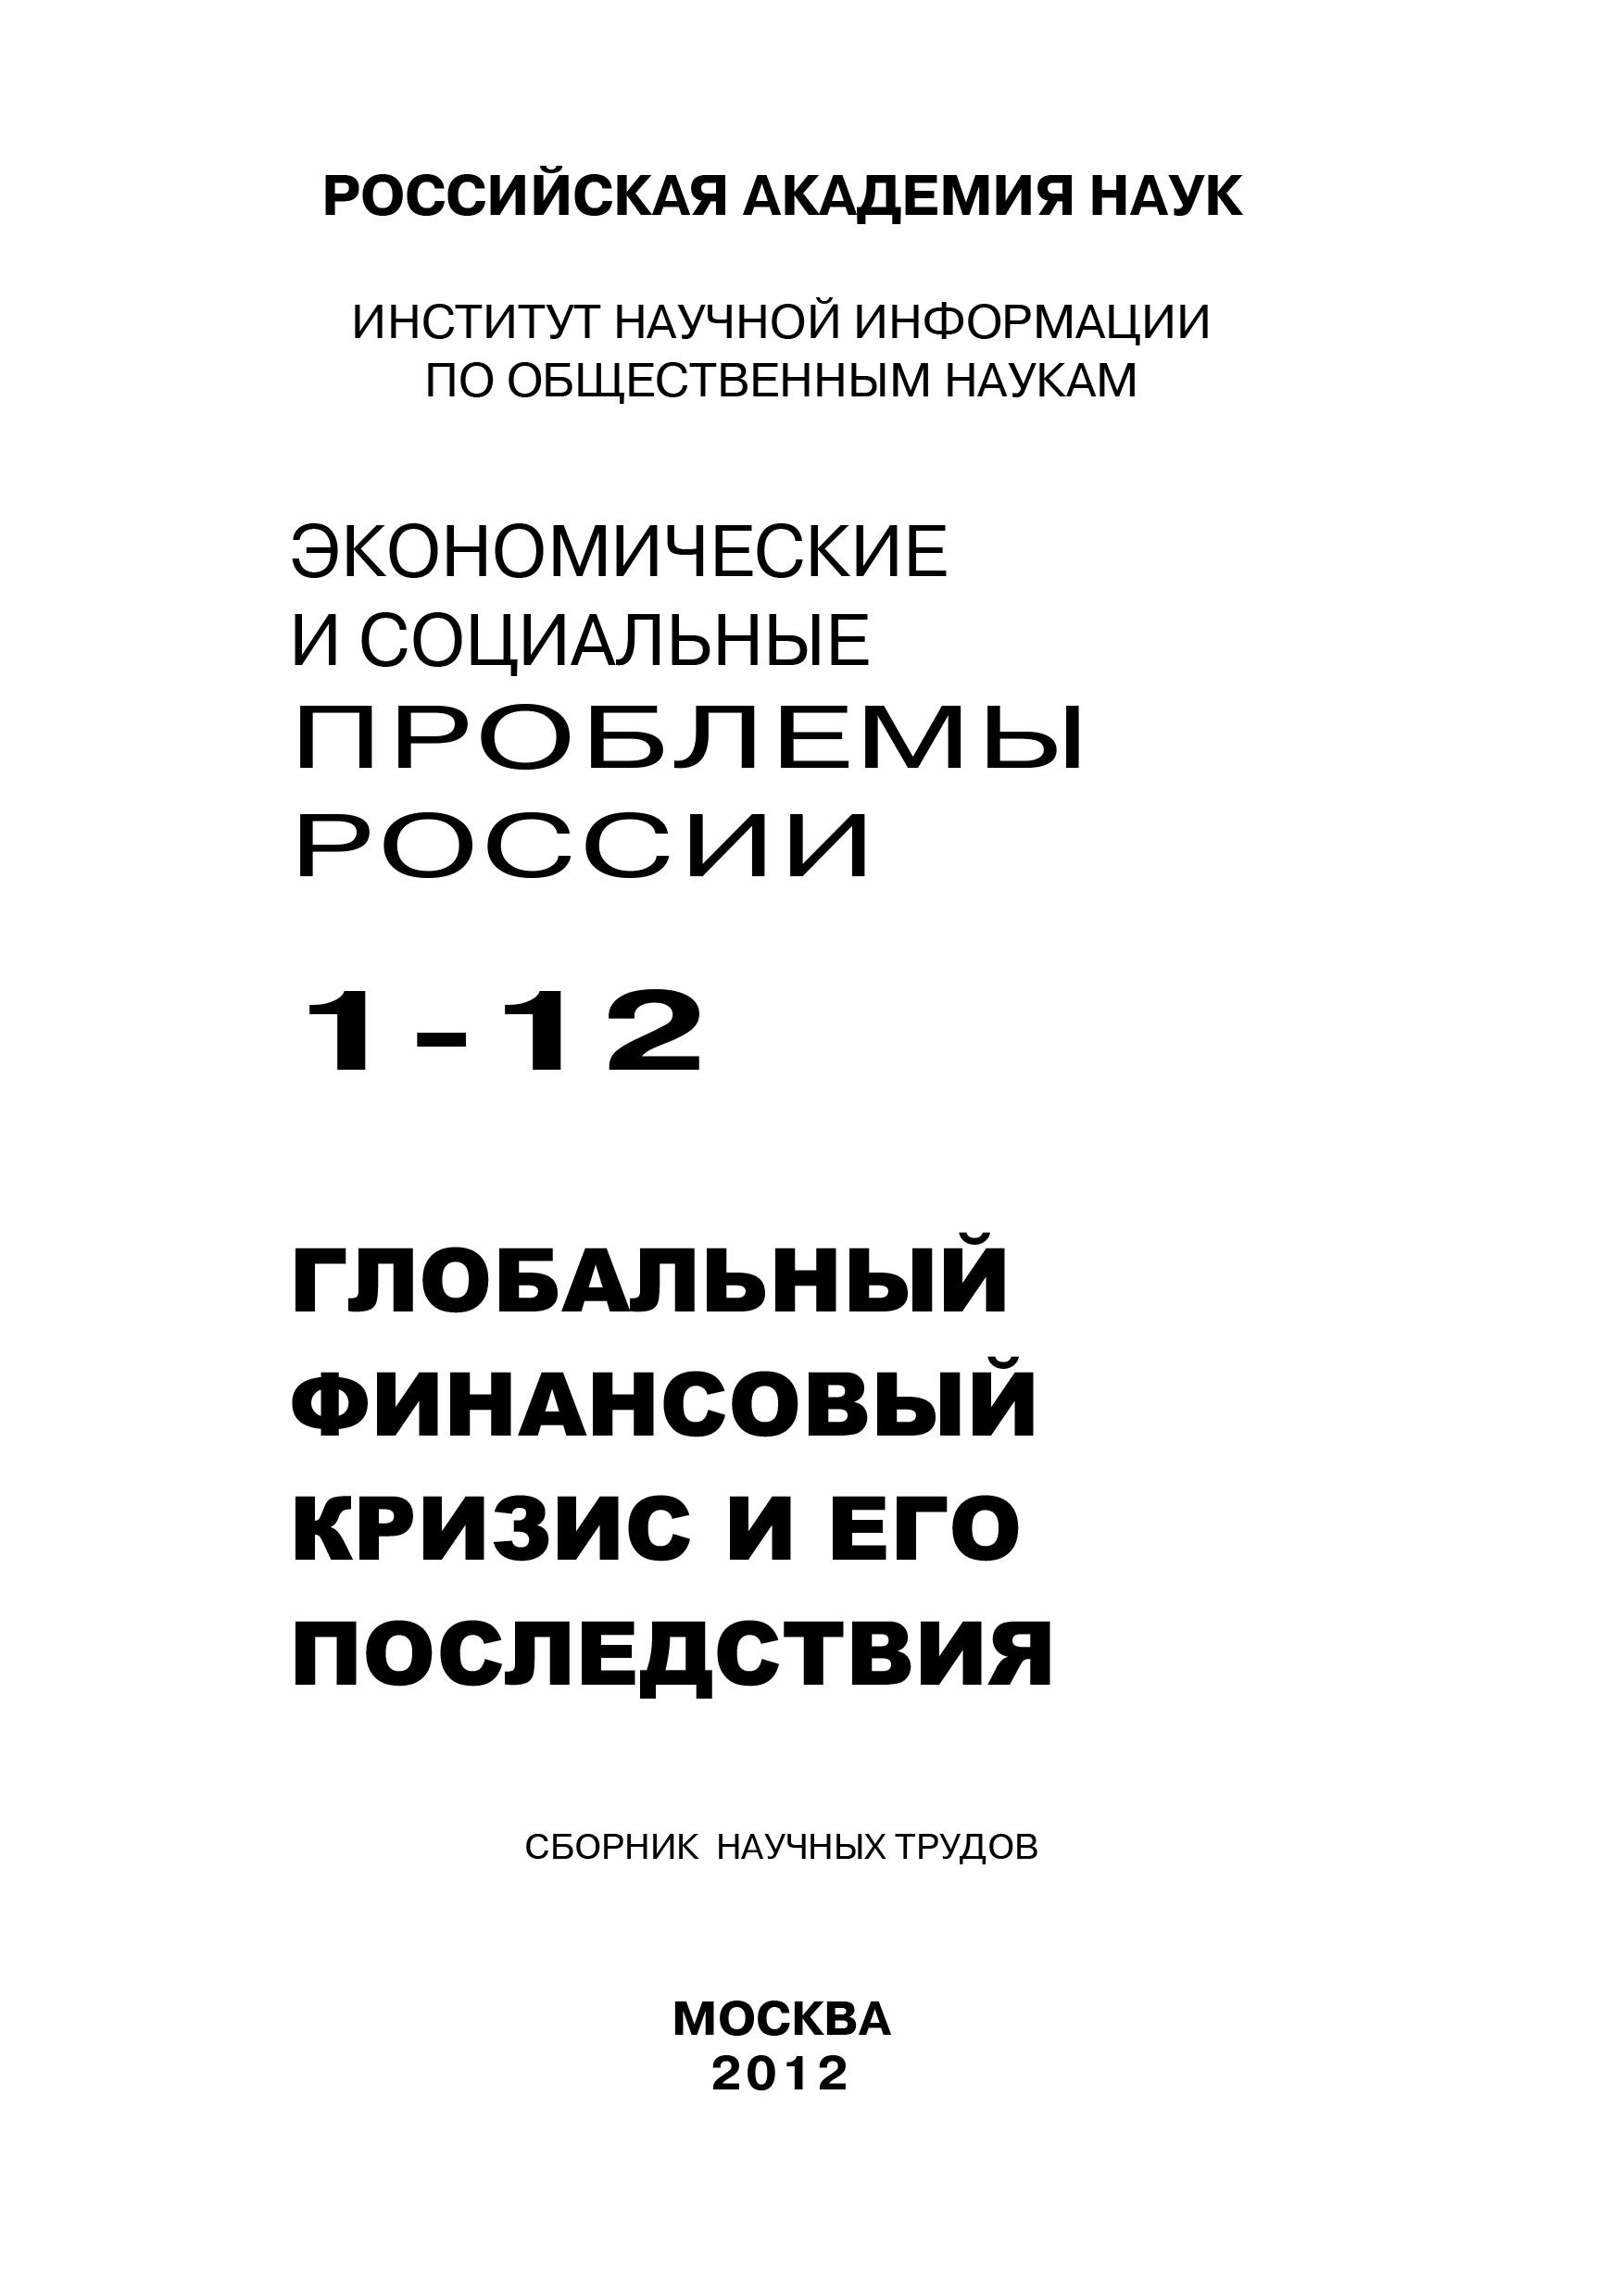 Коллектив авторов Экономические и социальные проблемы России №1 / 2012 цена и фото